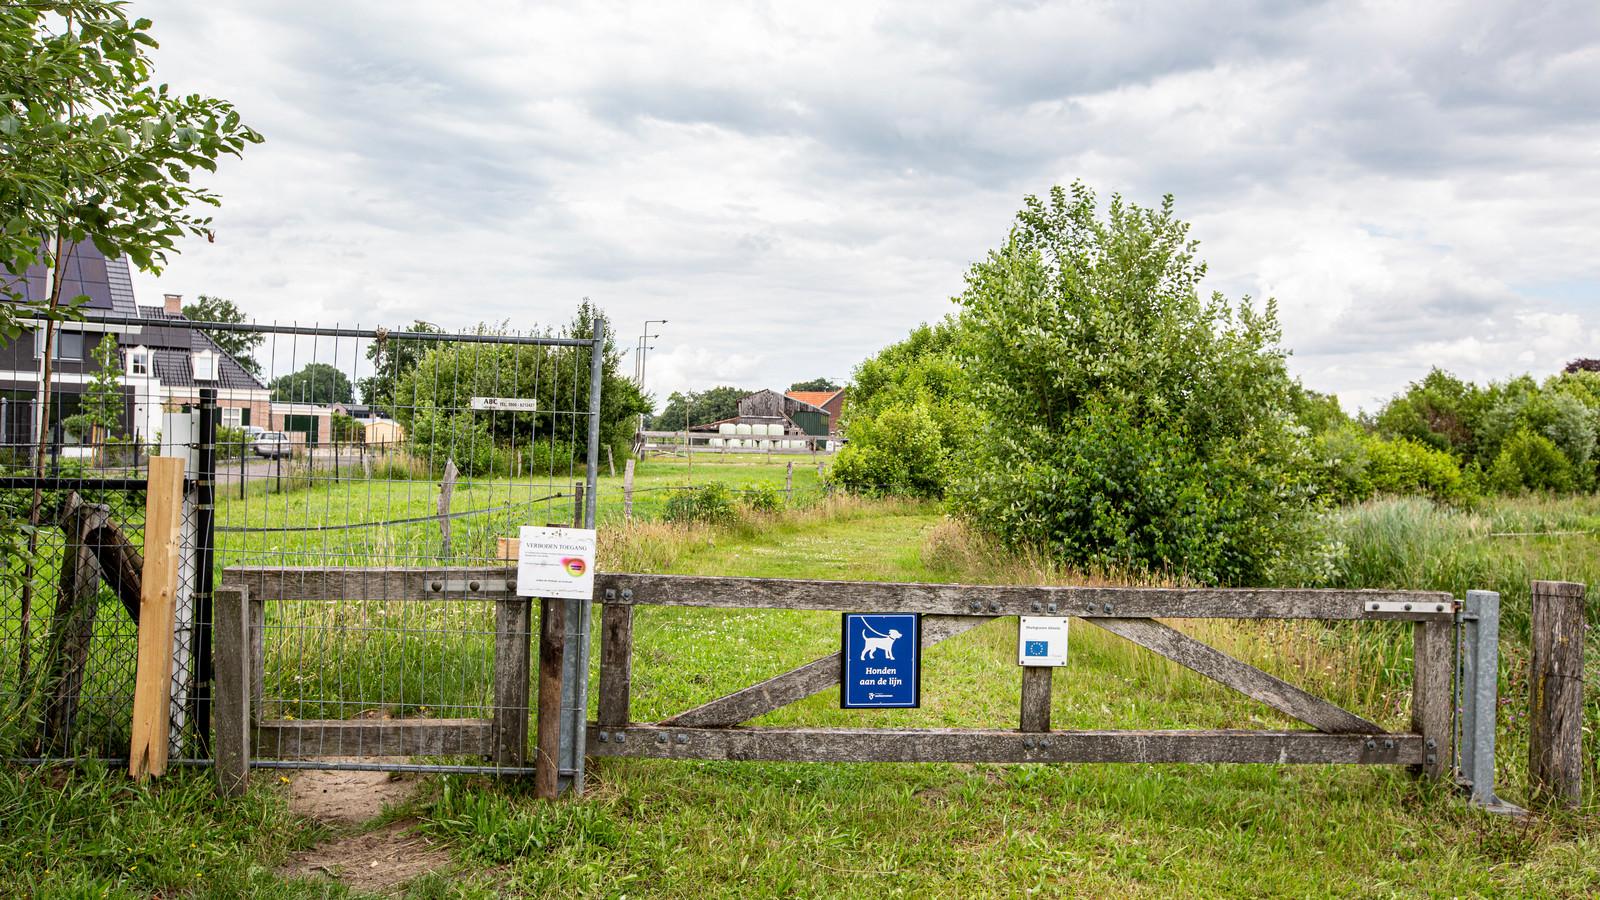 Een hekwerk blokkeert het Twentepad bij de Lorentzlaan. De aangrenzende bewoners van het (op de achtergrond zichtbare boeren erf) zijn de overlast van honden en hangjeugd zat. Wandelaars worden omgeleid.